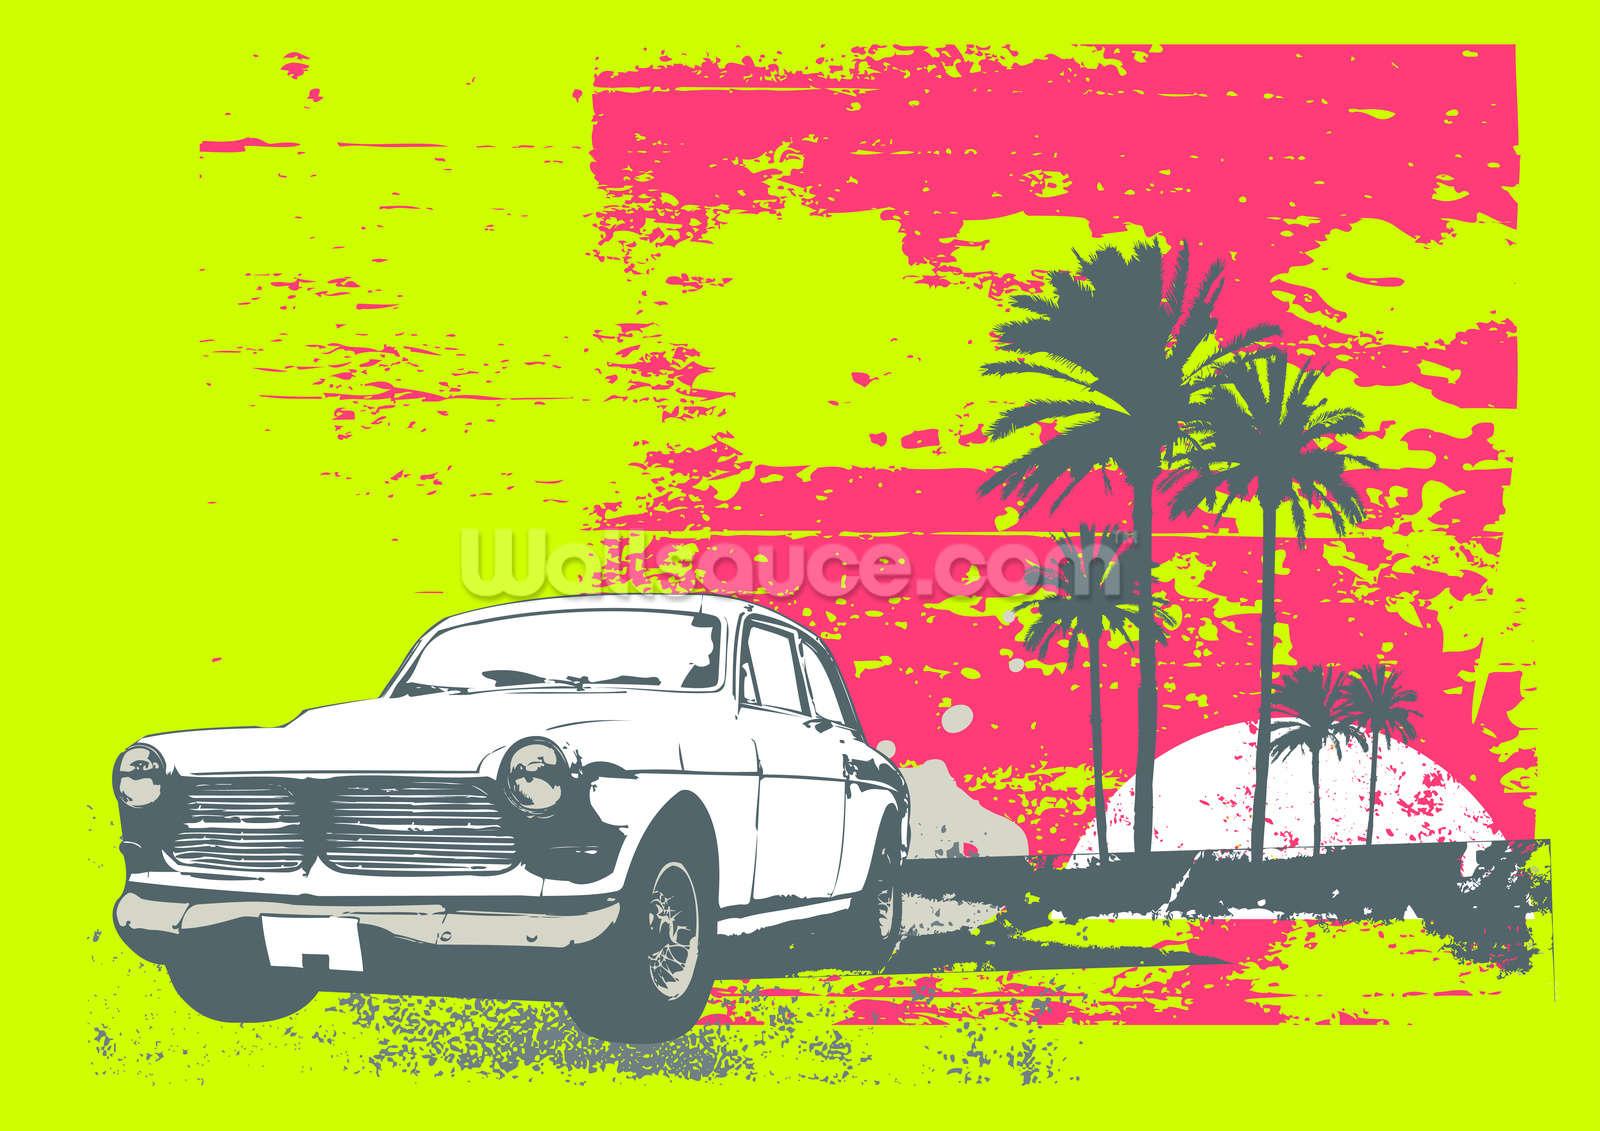 Retro car wallpaper wall mural wallsauce for Car mural wallpaper